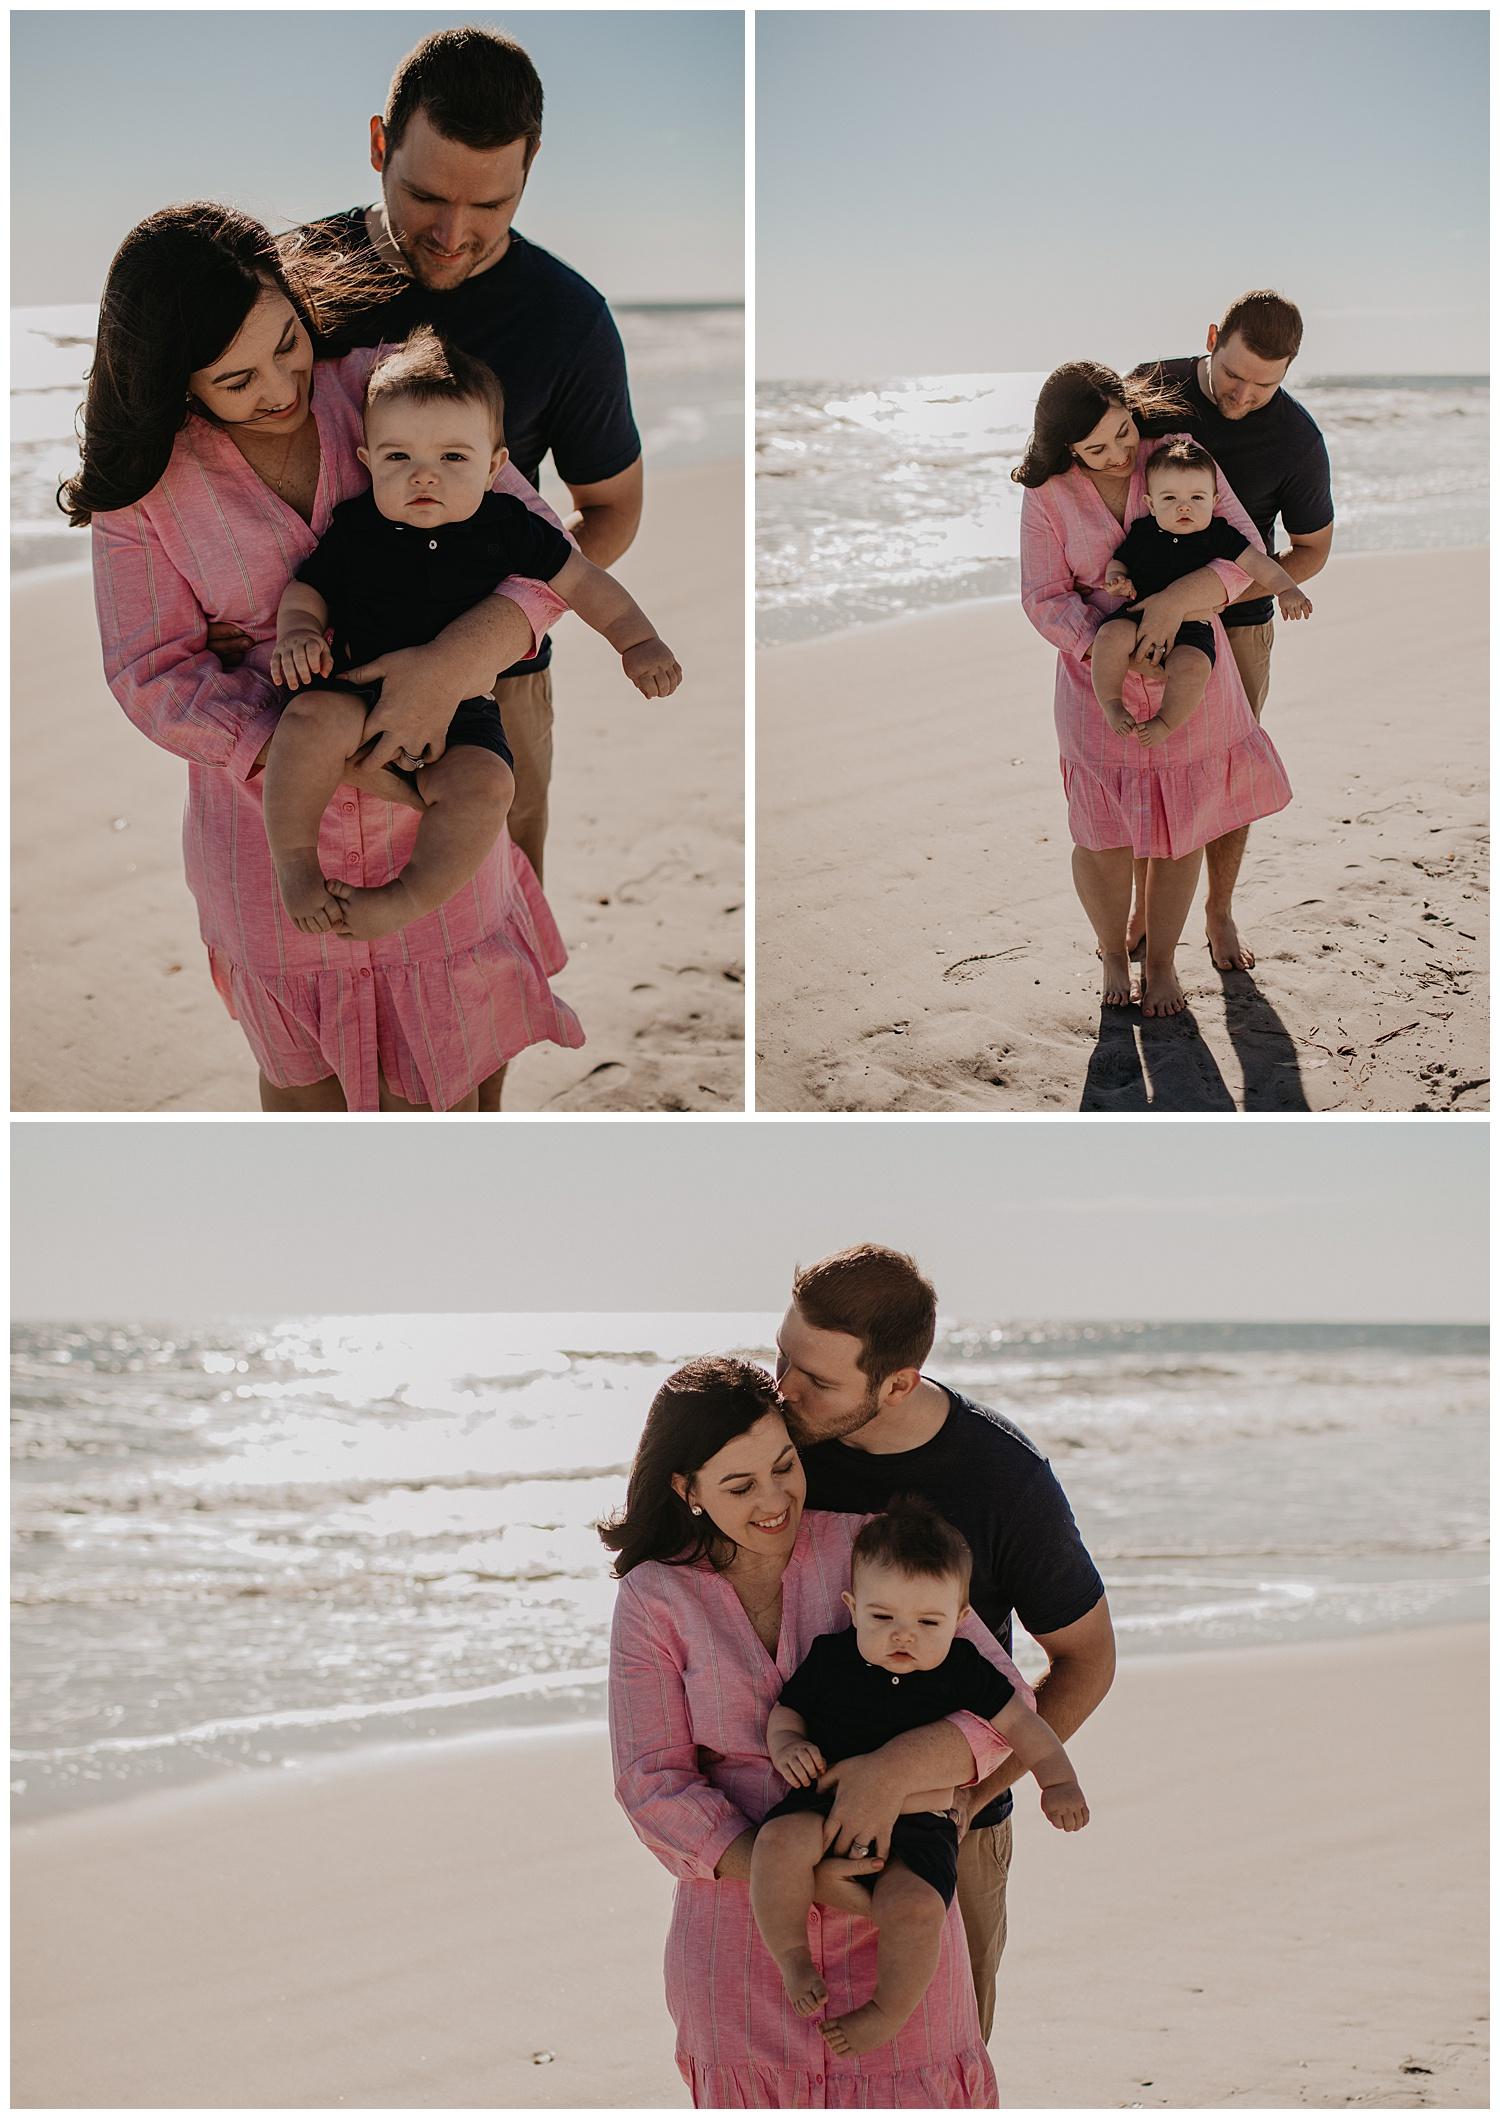 jacksonville-beach-family-session-jacksonville-beach-florida_0129.jpg